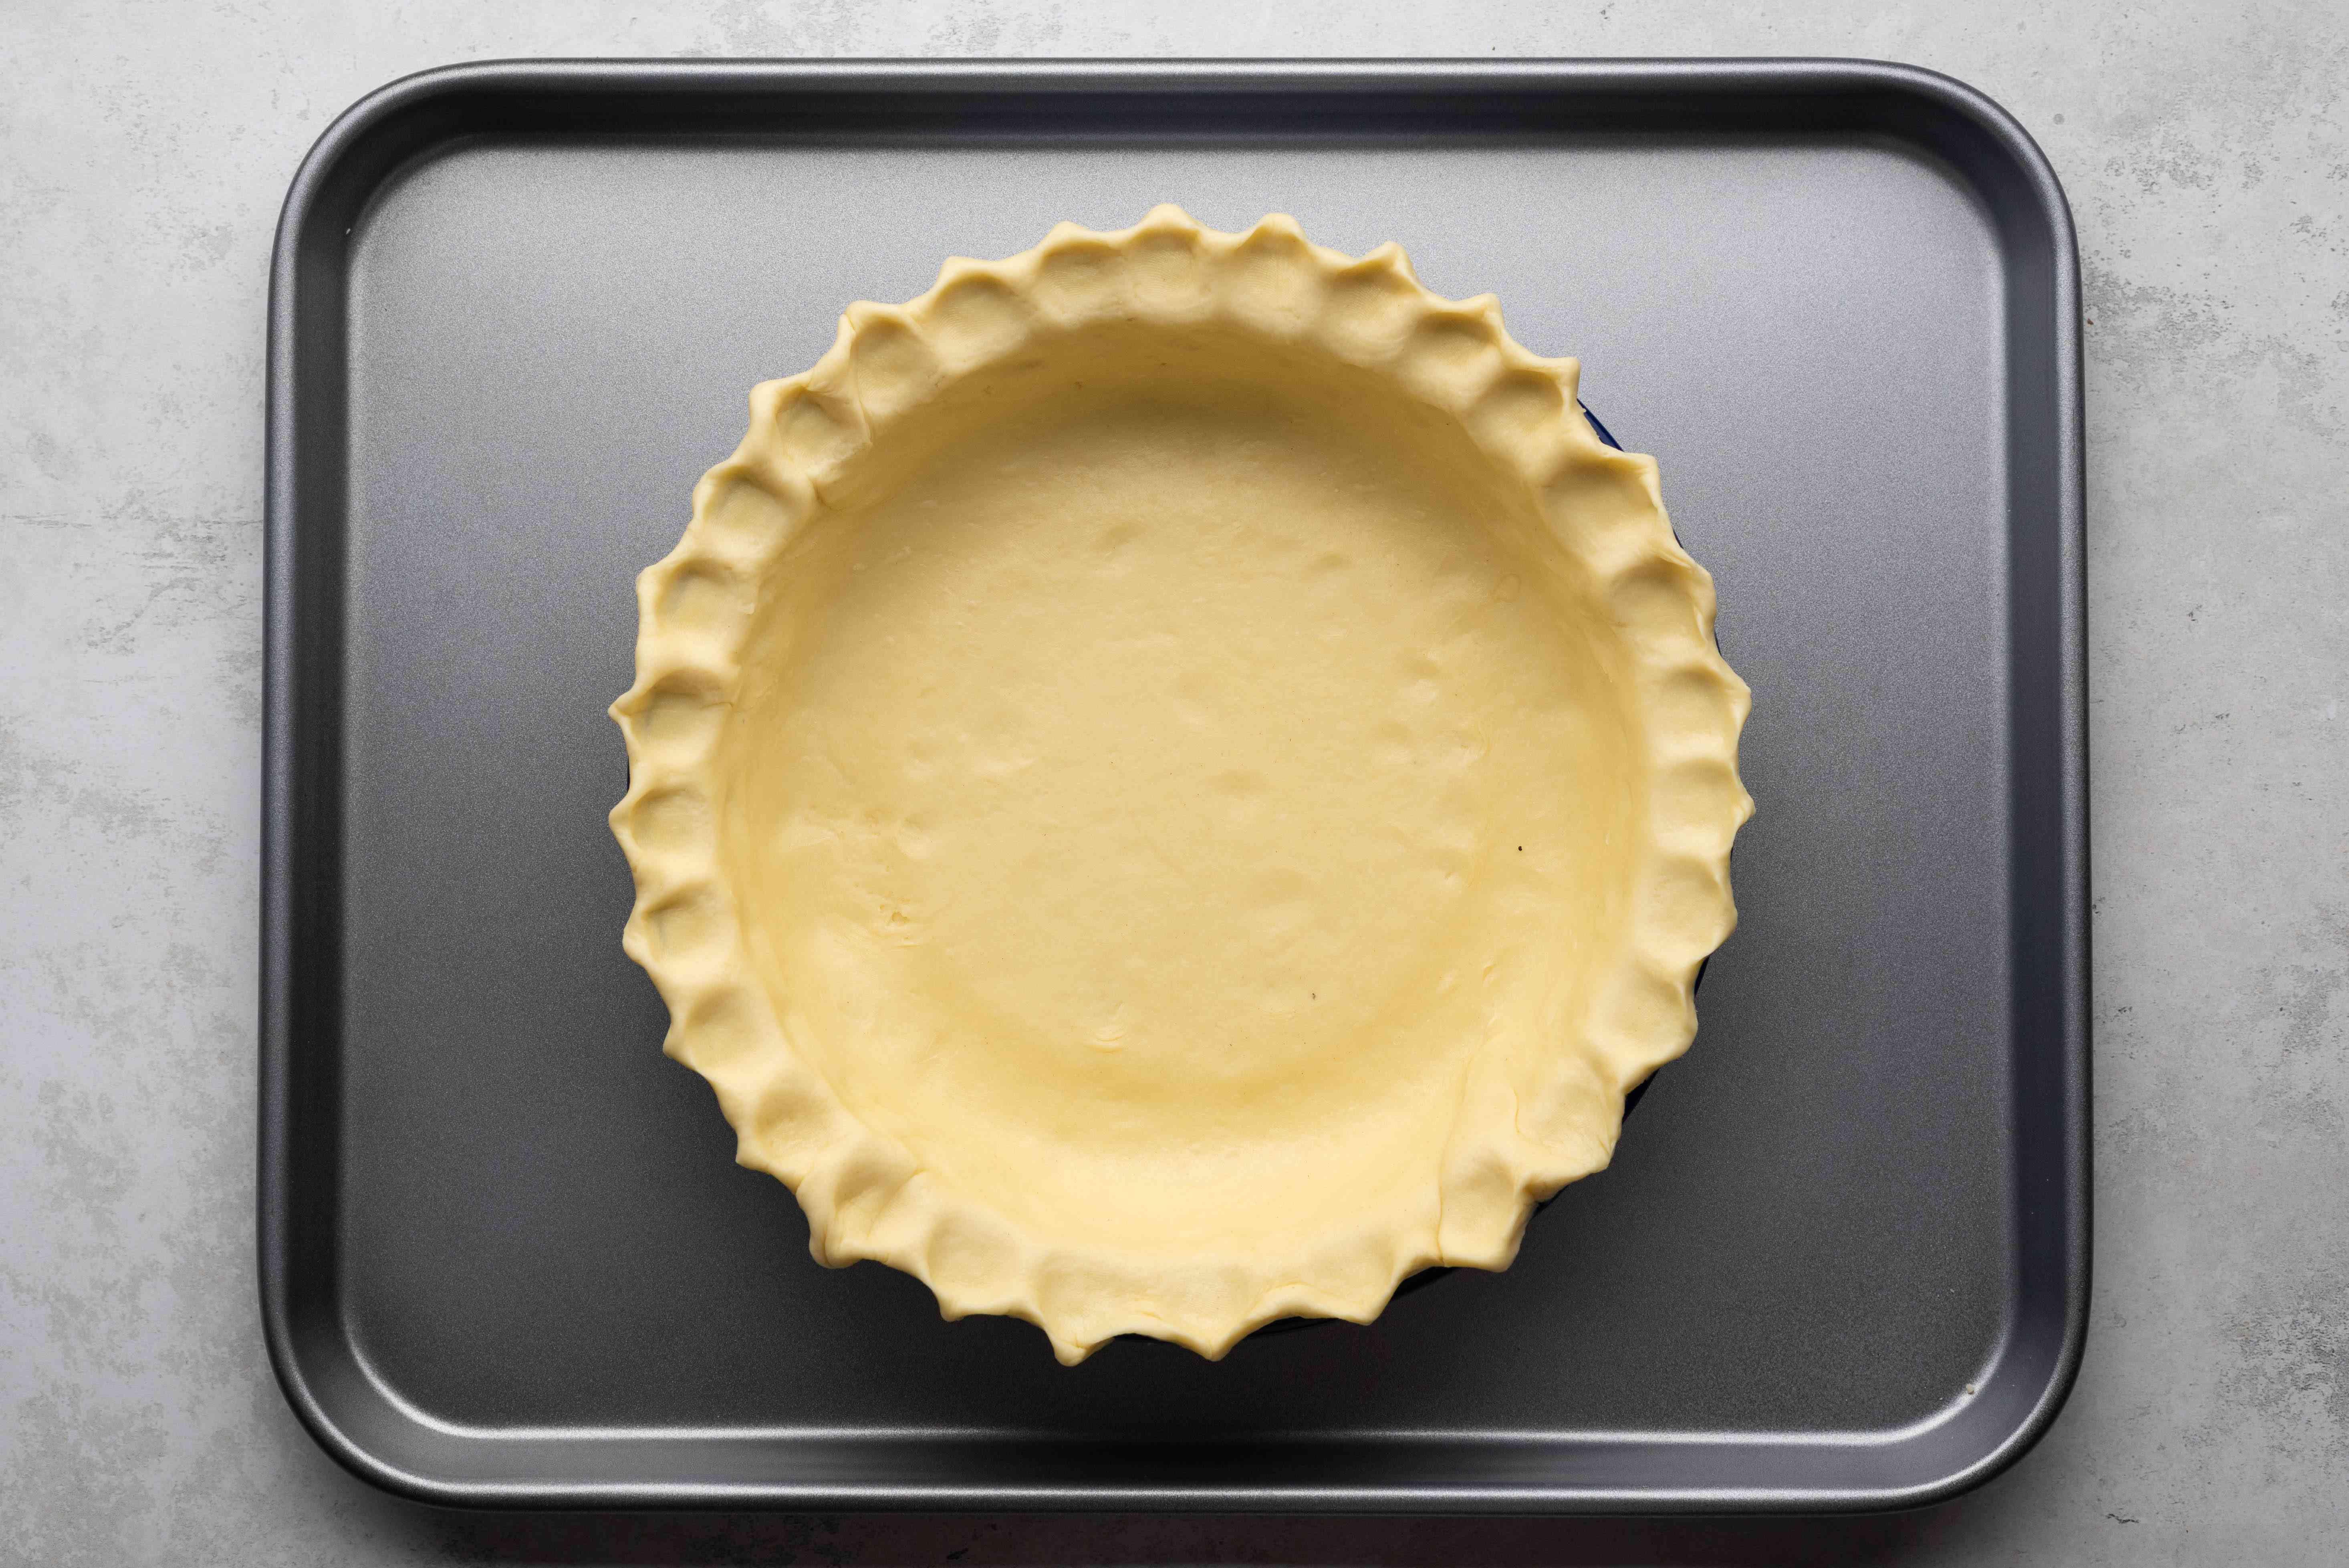 pie crust on in a pie pan on a baking sheet